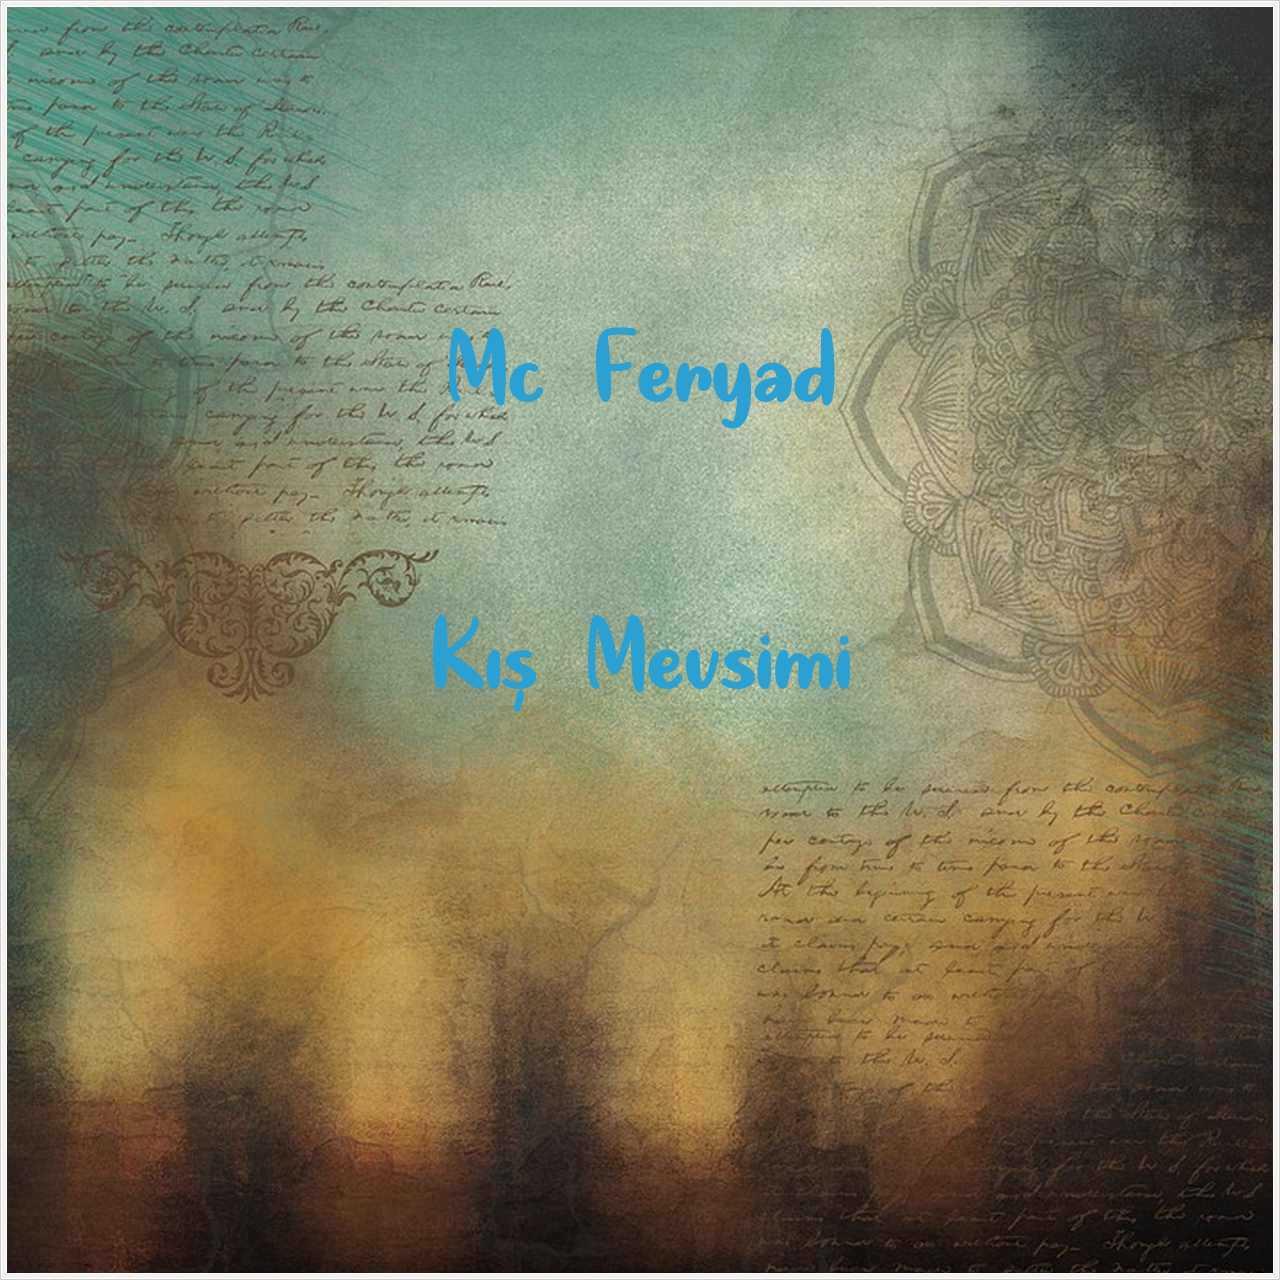 دانلود آهنگ جدید Mc Feryad به نام Kış Mevsimi